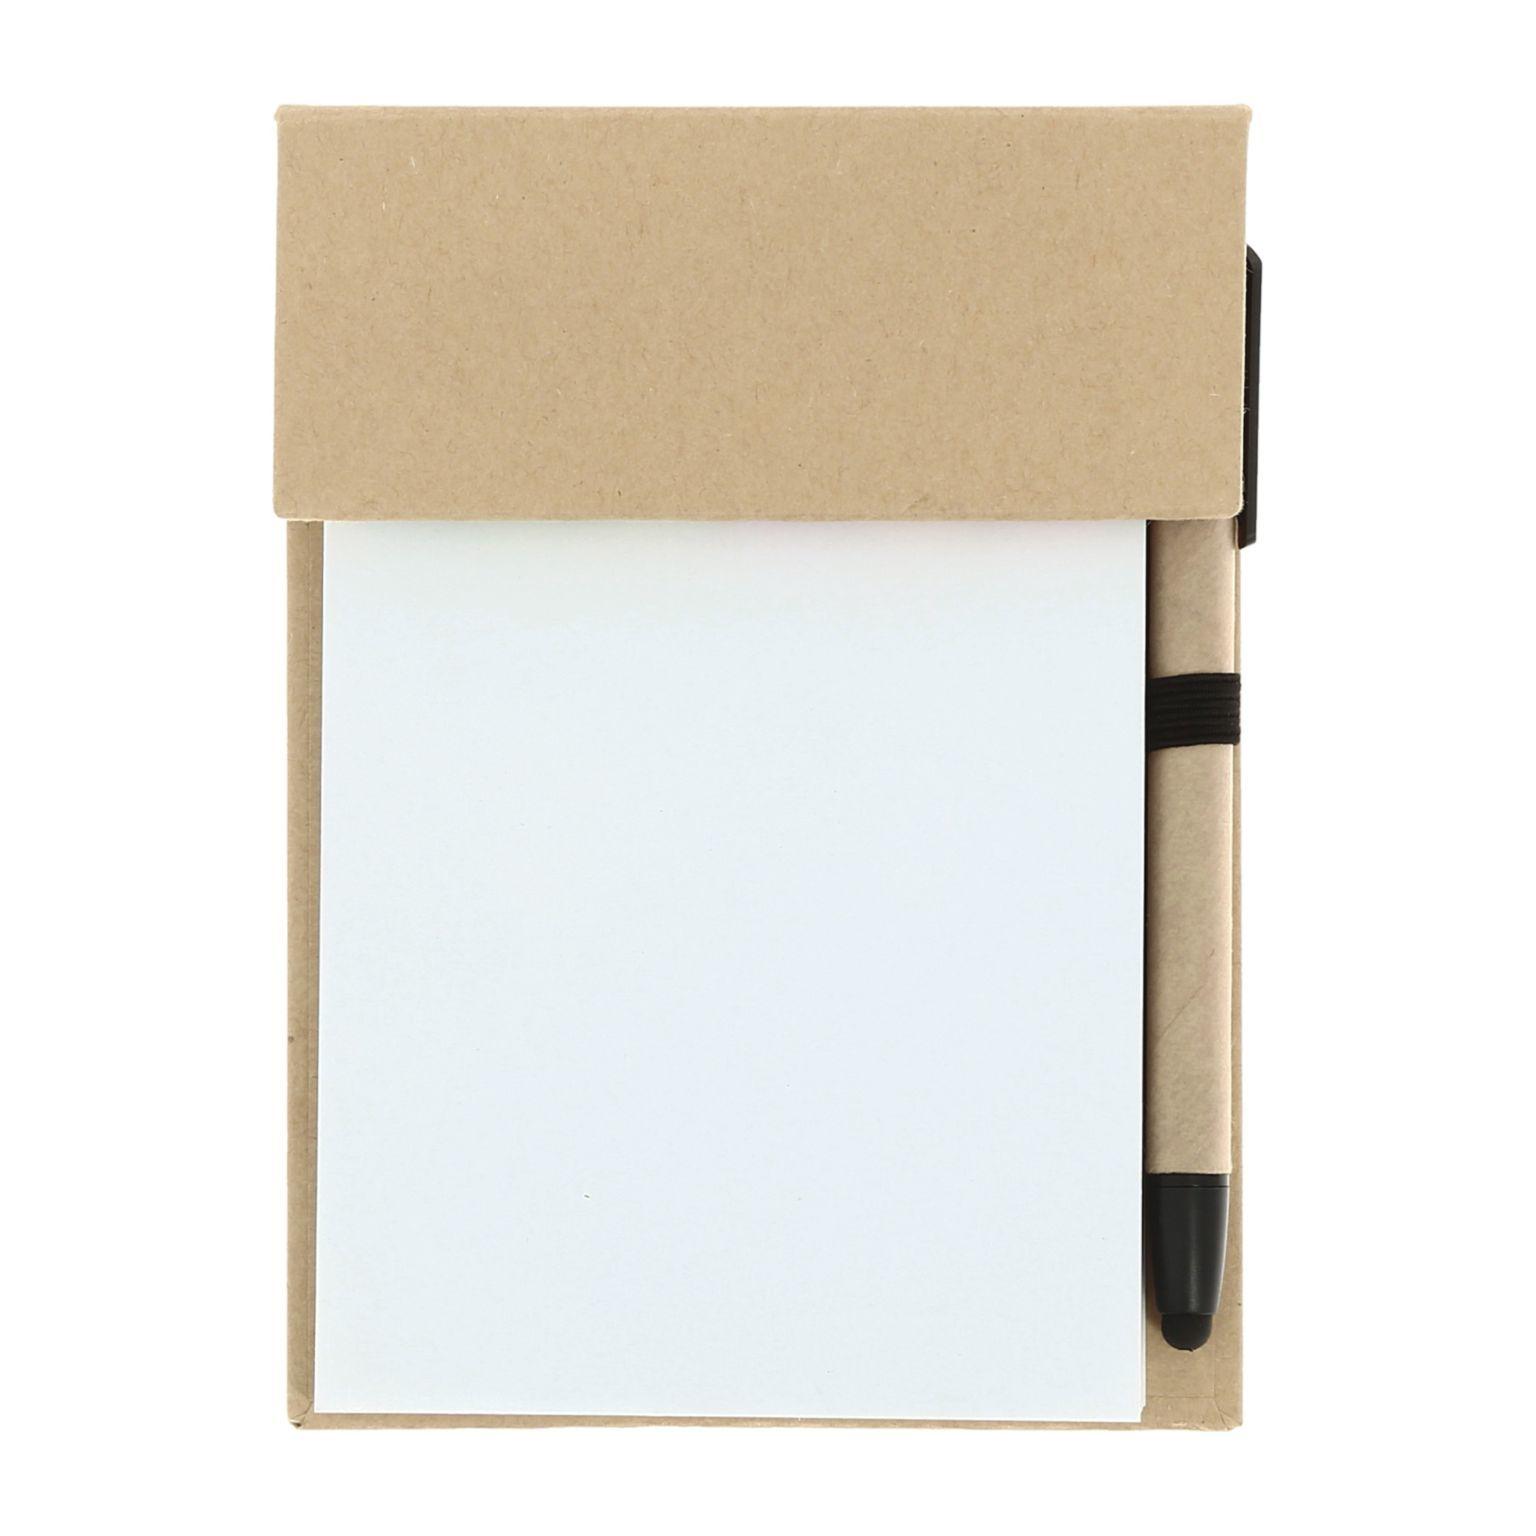 Carnet feuilles + marque-pages adhésifs et stylo bille - Y1806-CT--NA-id1023